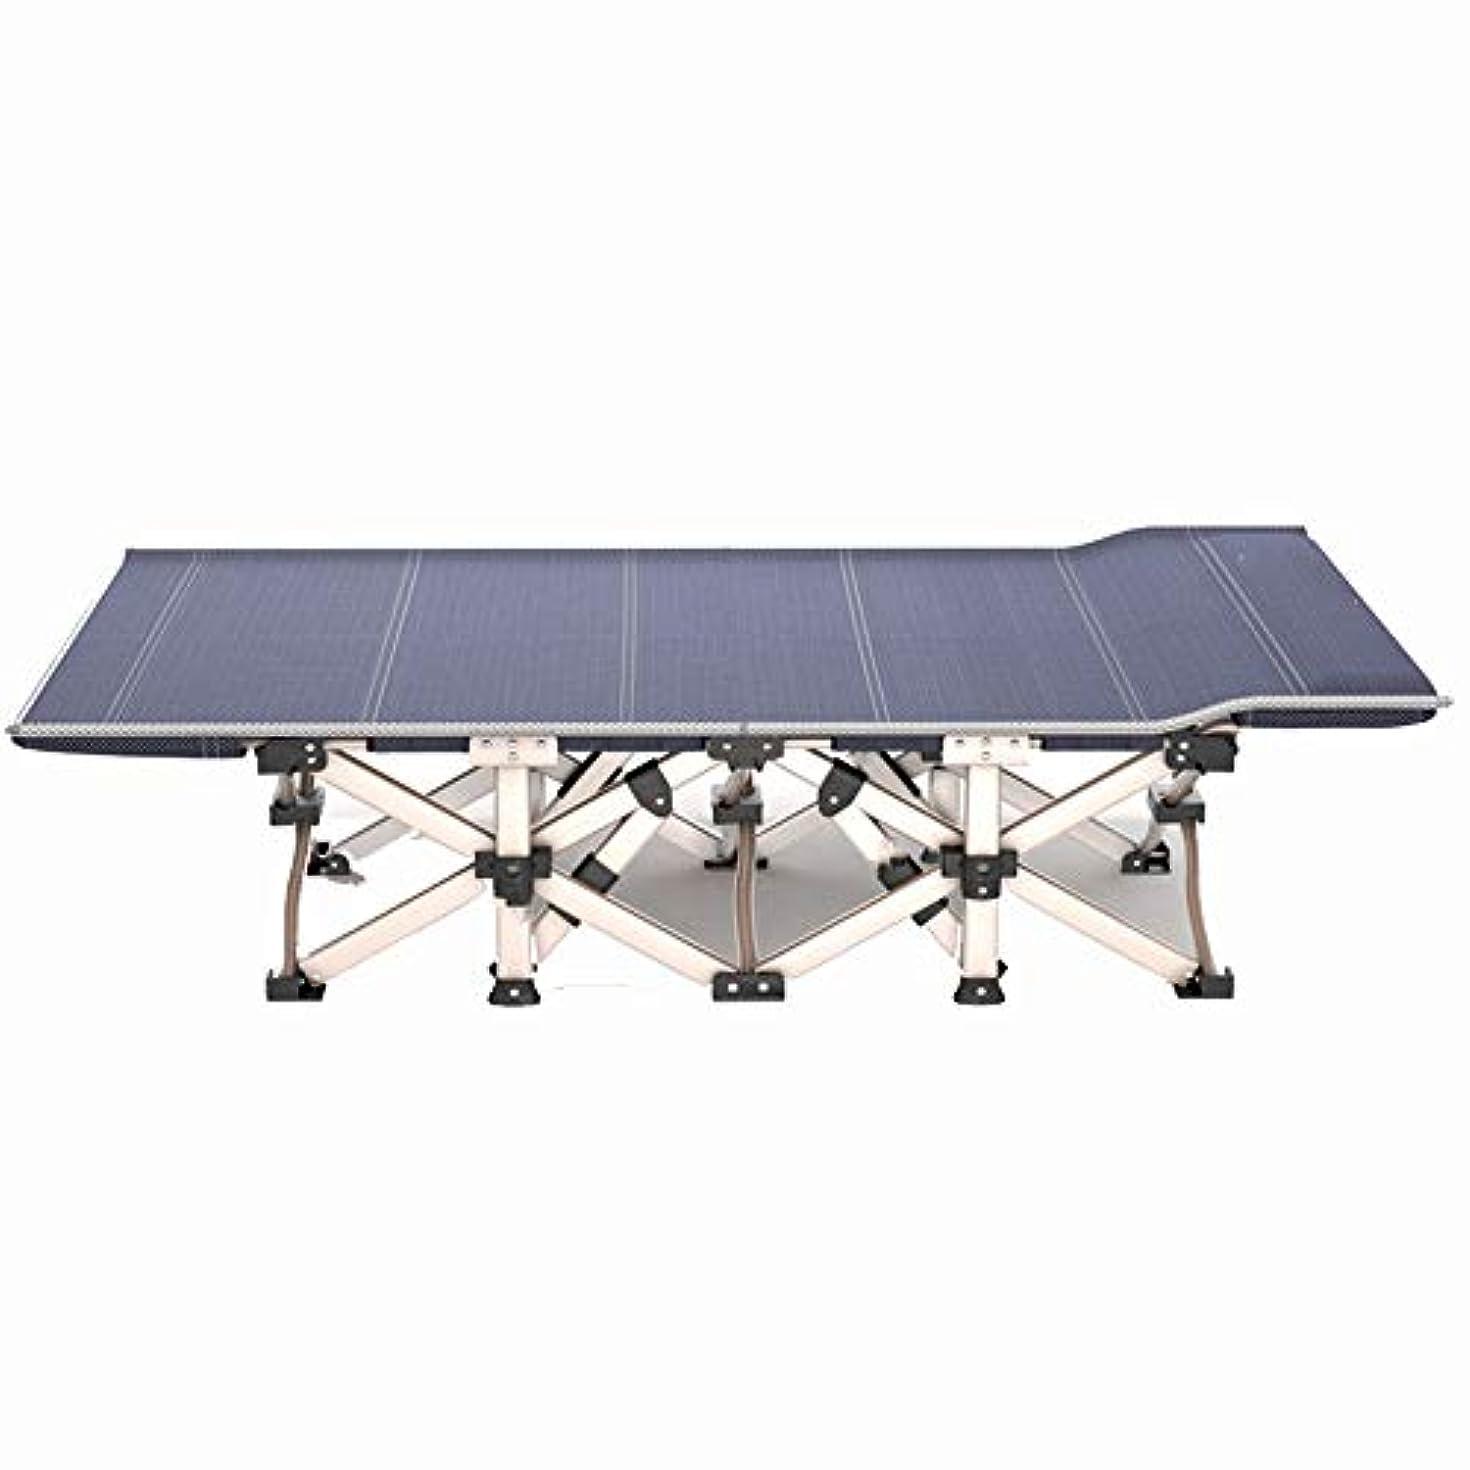 姿勢輸送並外れて折りたたみ式ベッドシングルキャンプベッドシンプルなポータブル屋外リクライニング式ナップベッドポータブルで軽量 (Size : A)